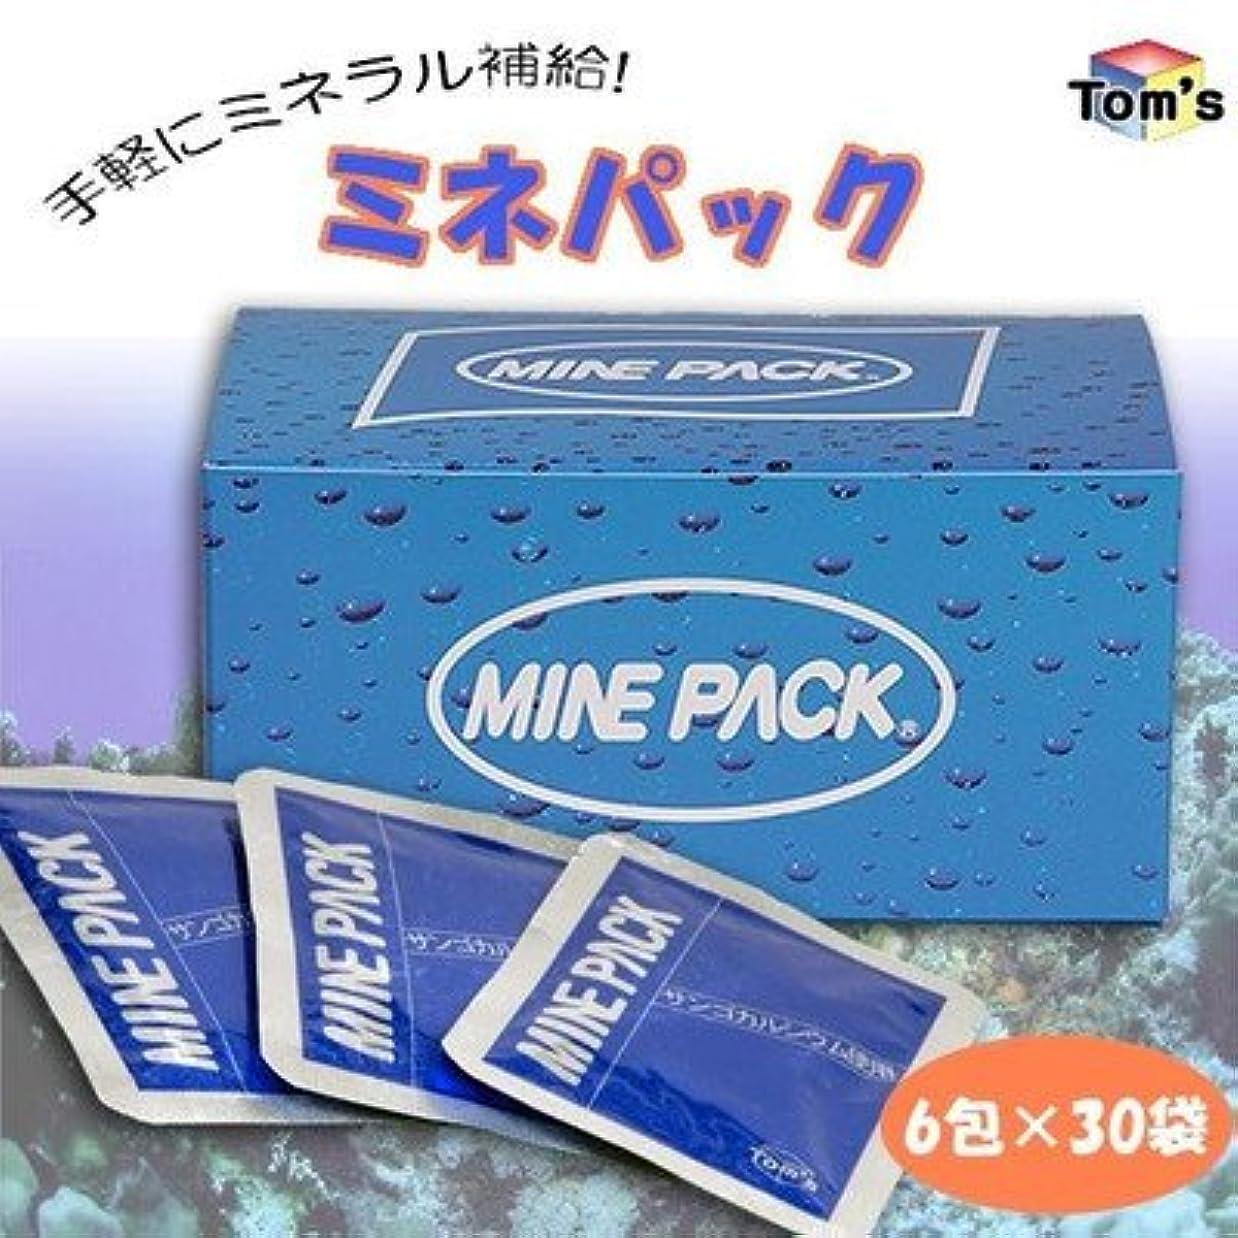 ナラーバー経験的雲手軽にミネラル補給 ミネパック 1箱(6包×30袋)